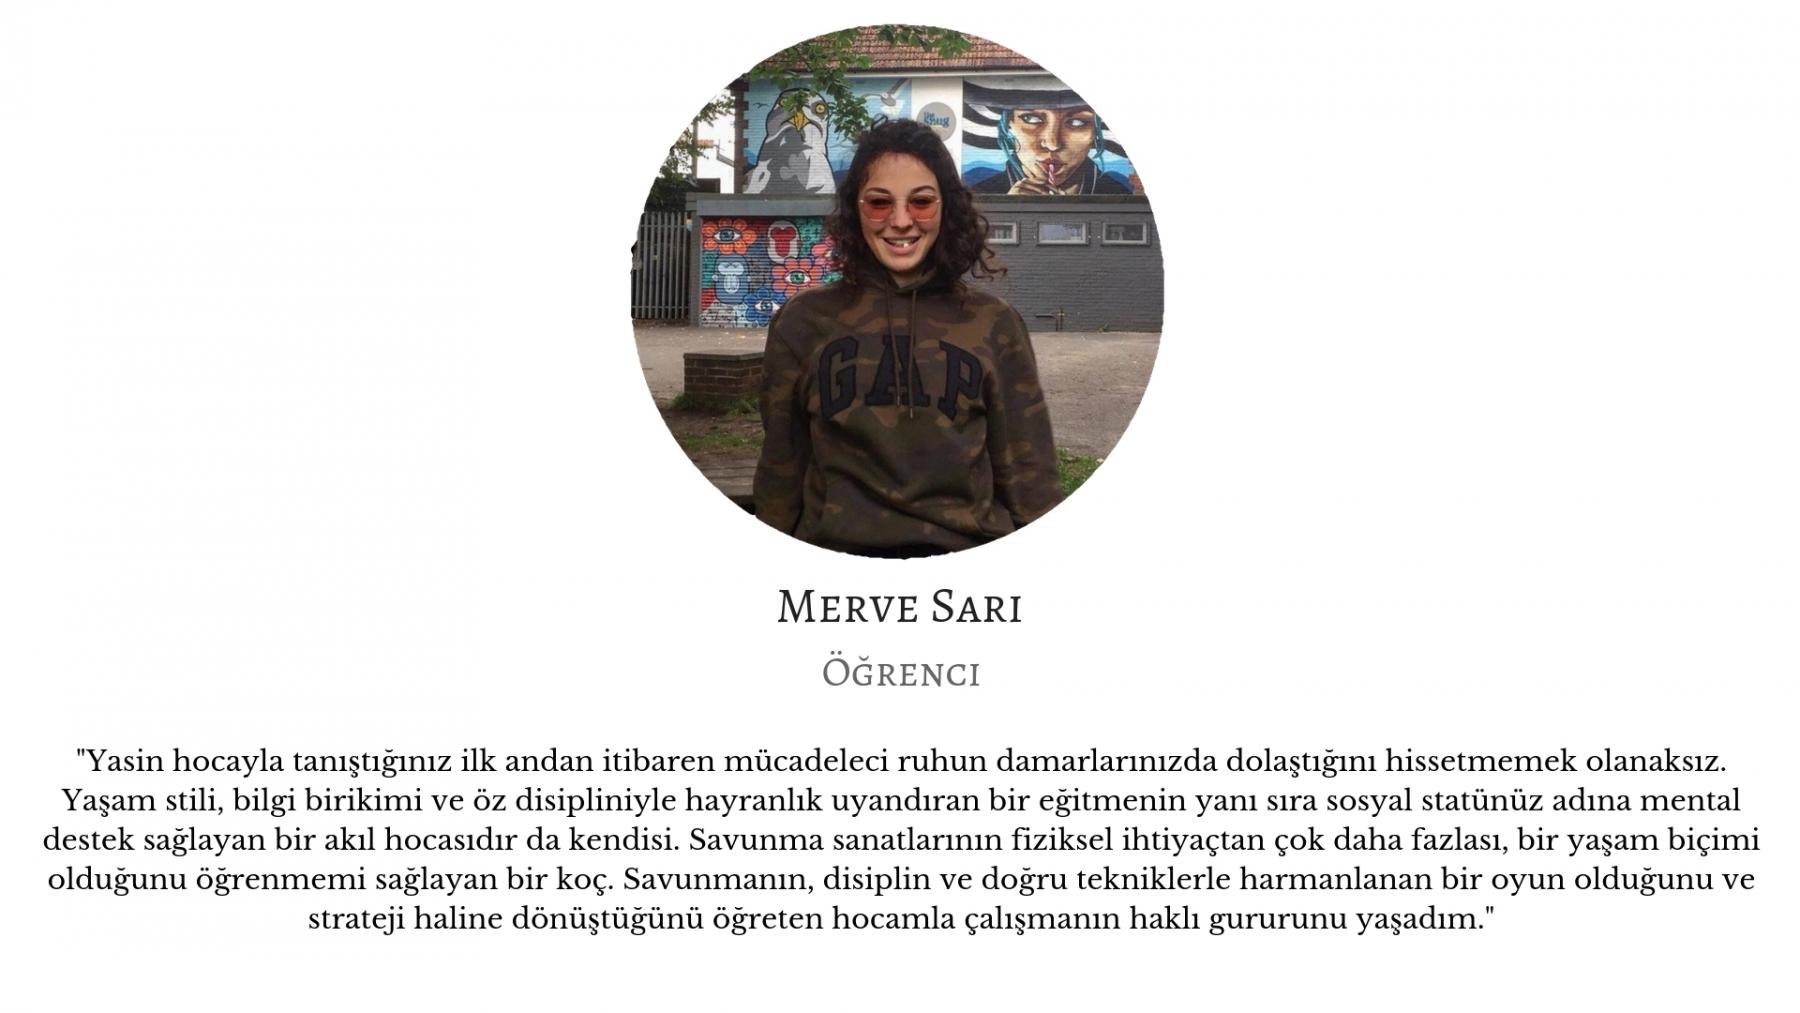 Merve Sarı -  Öğrenci yasin ozkan mma bjj izmir jiujitsu muay thai fitness pt